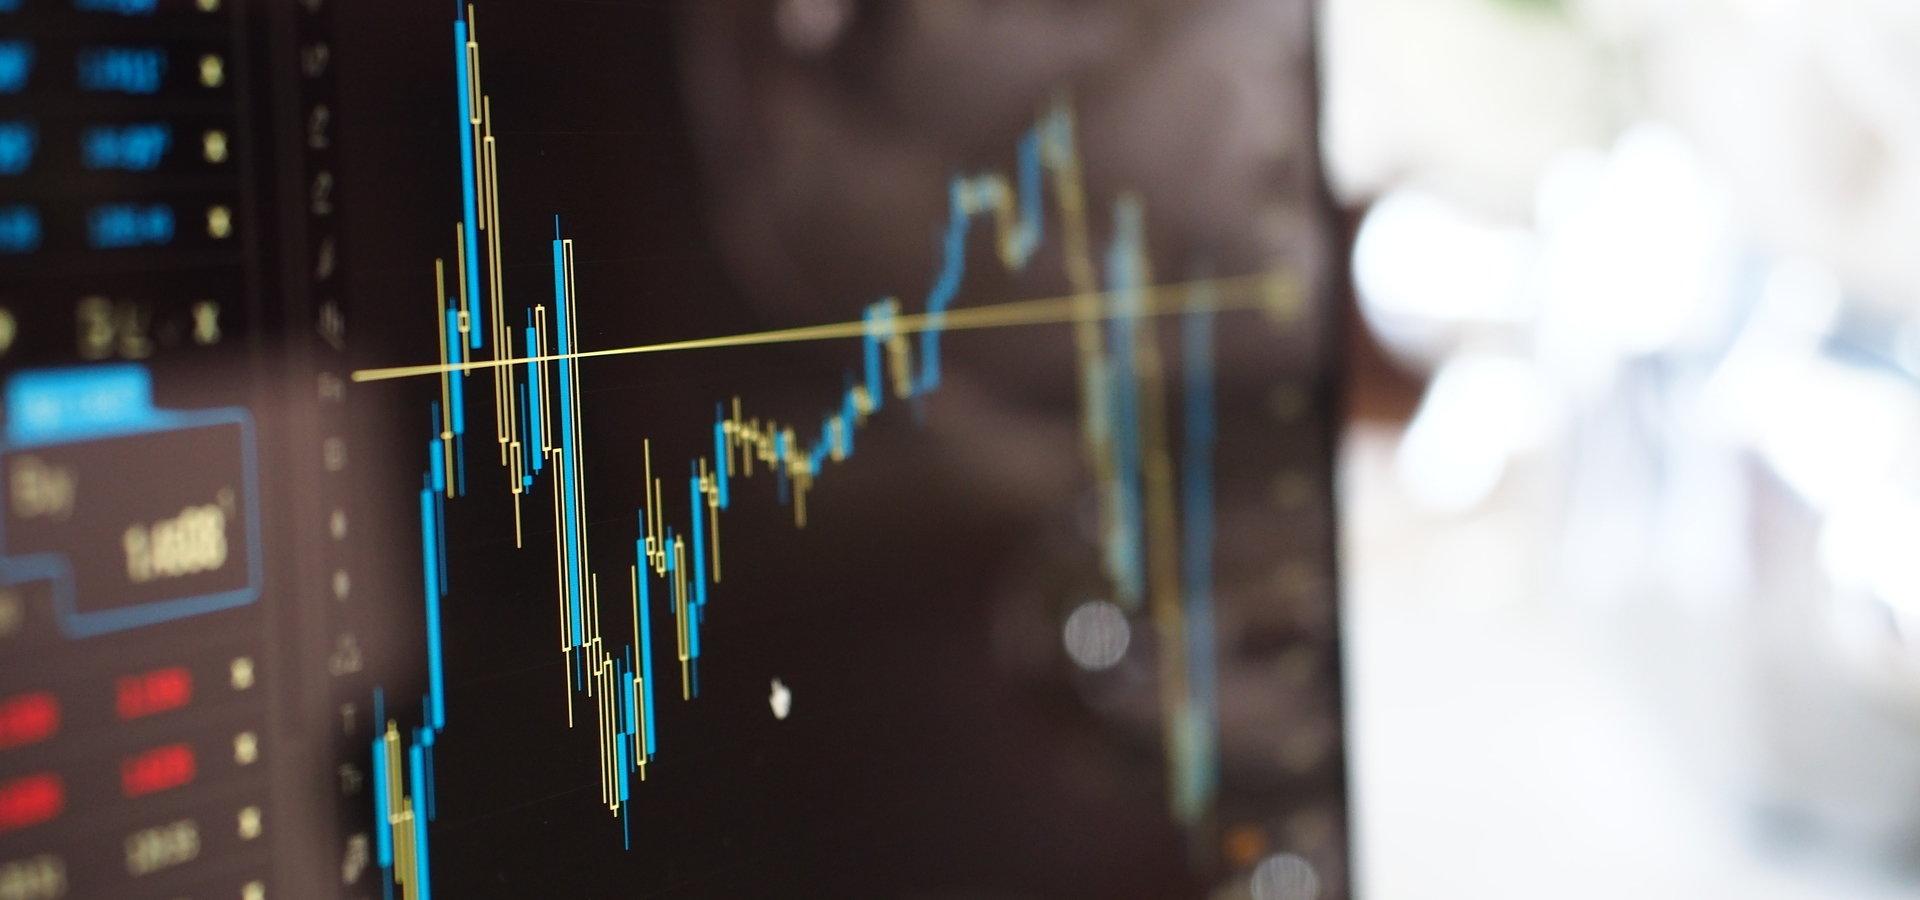 Gra rynkowa powinna toczyć się poza plecami pacjenta